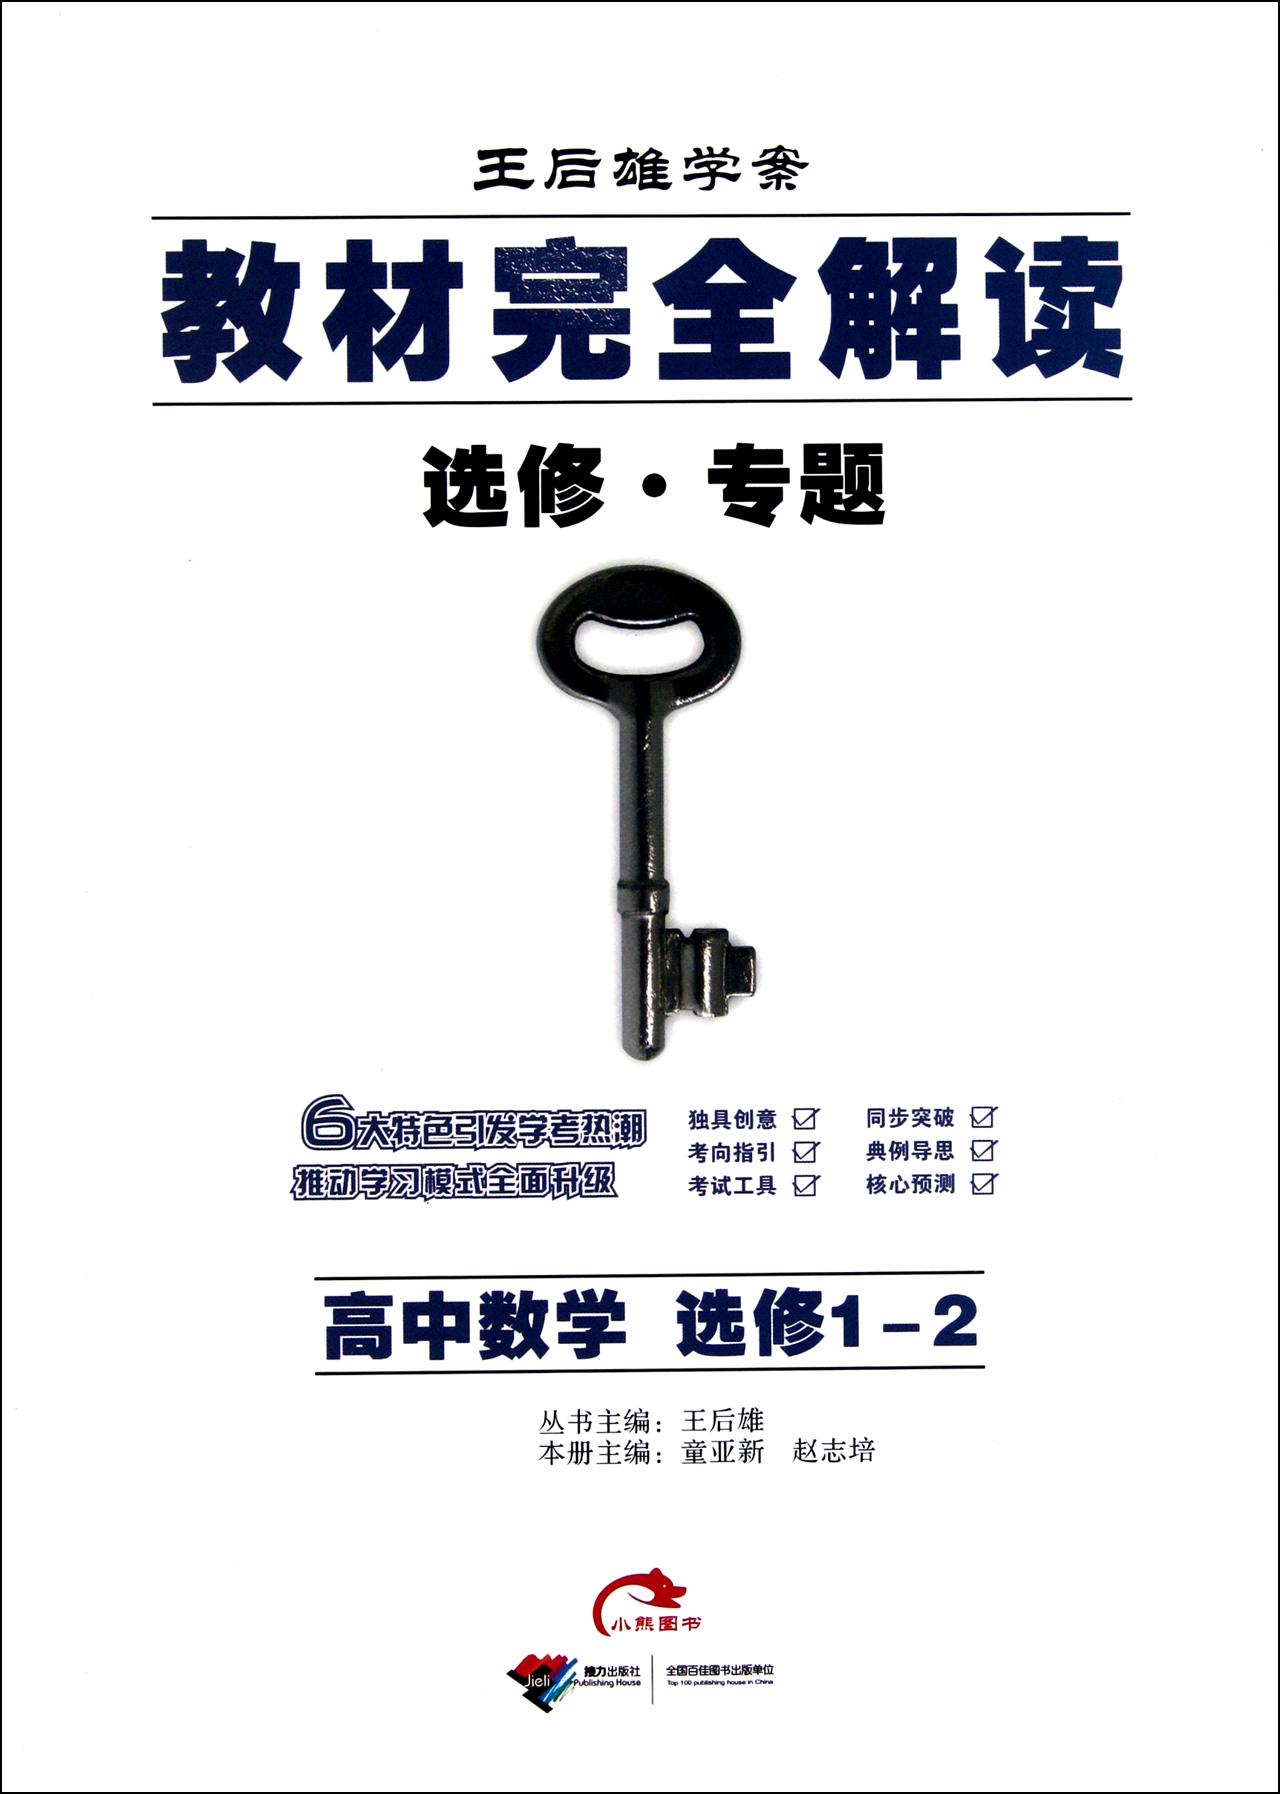 高中数学(选修1-2王后雄学案选修专题)